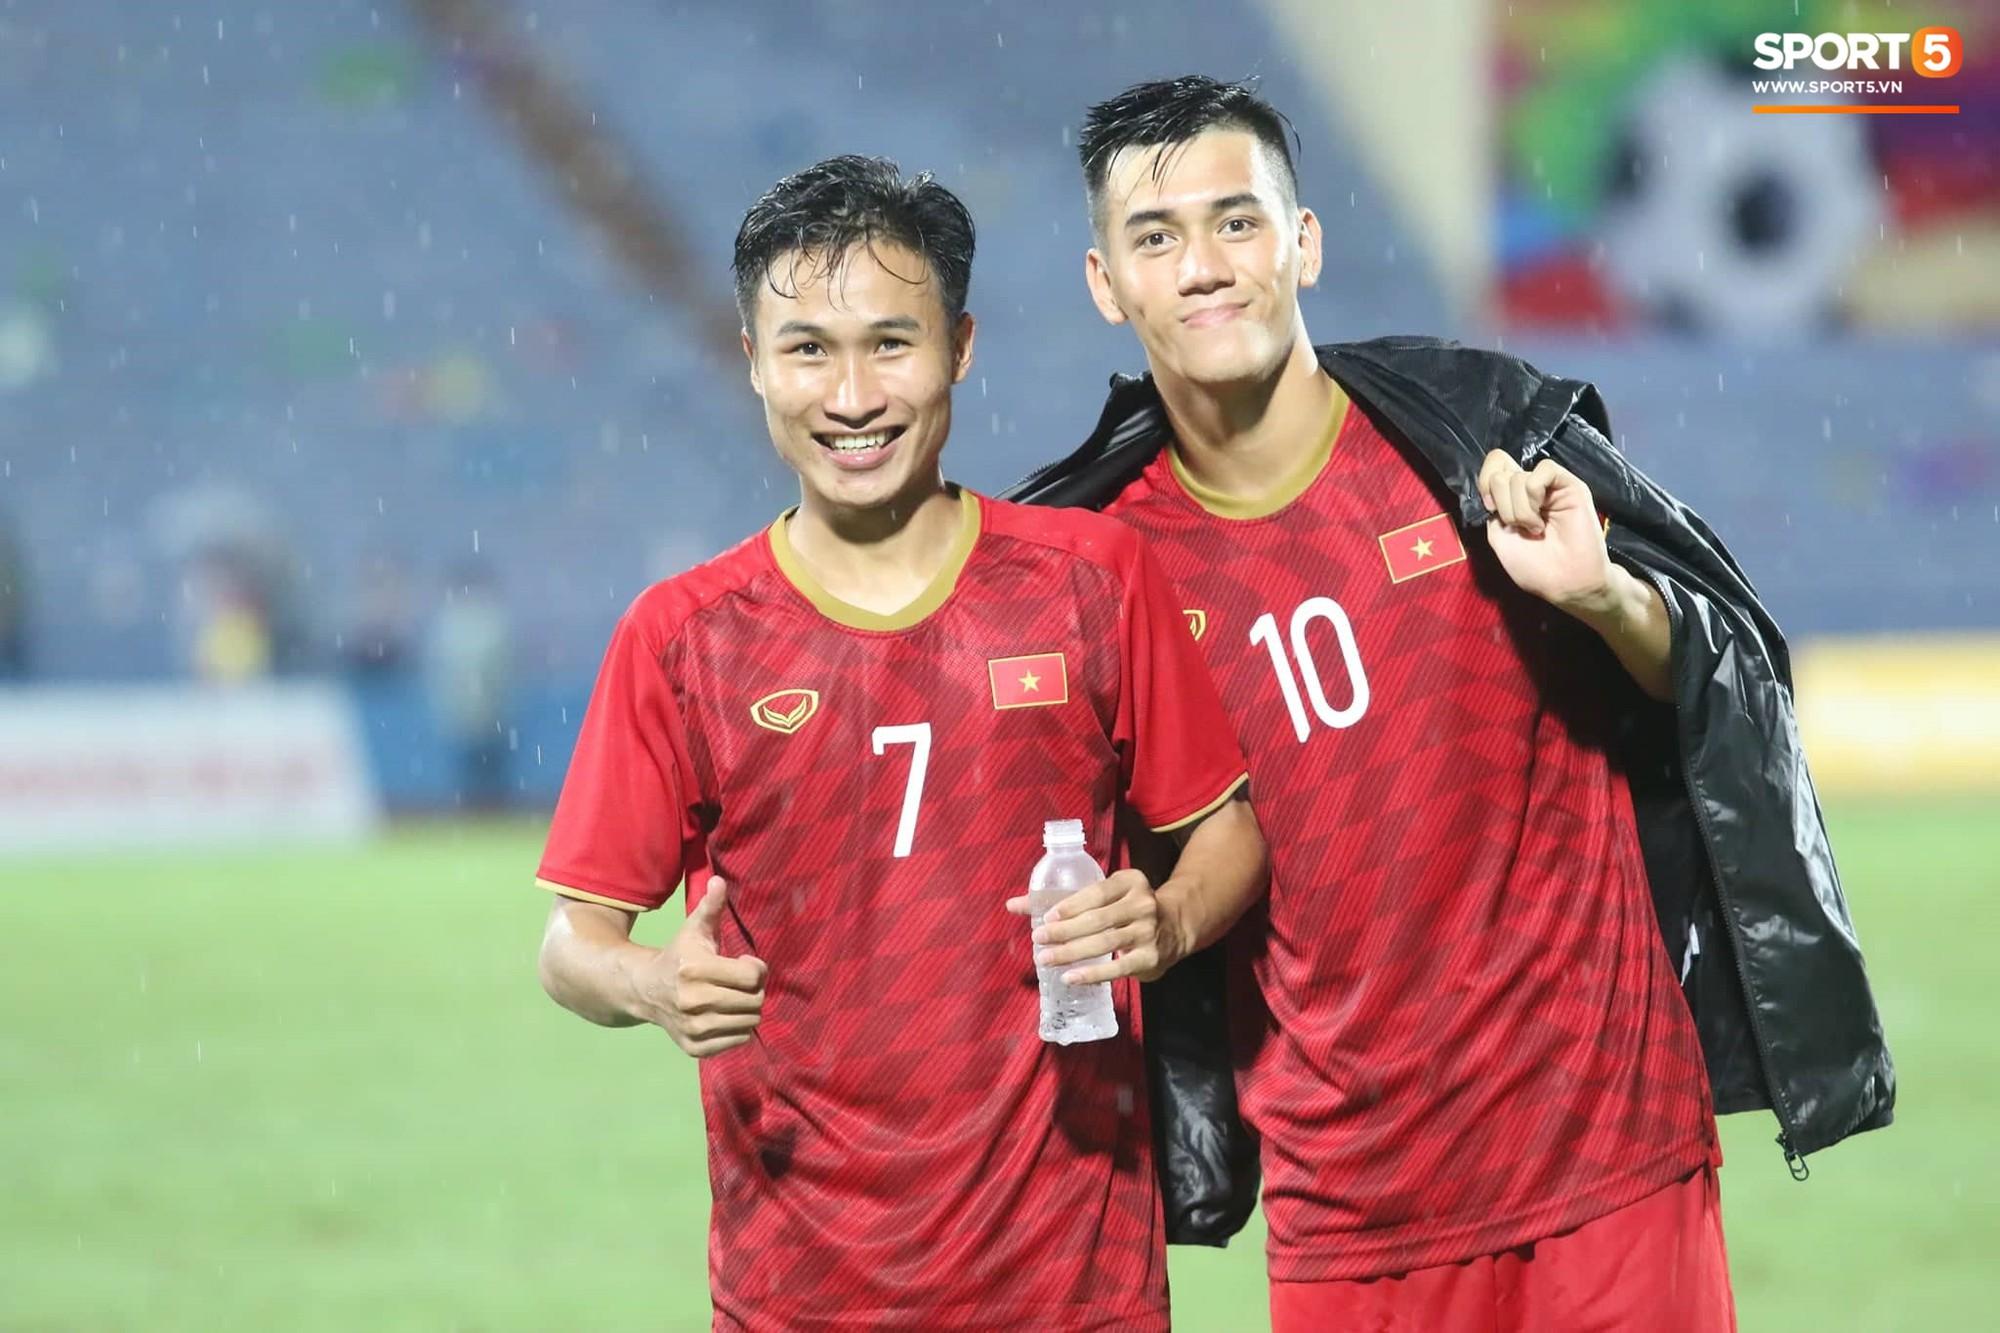 Hình ảnh cảm động: U23 Việt Nam đội mưa đi khắp khán đài cảm ơn người hâm mộ sau trận thắng U23 Myanmar-13